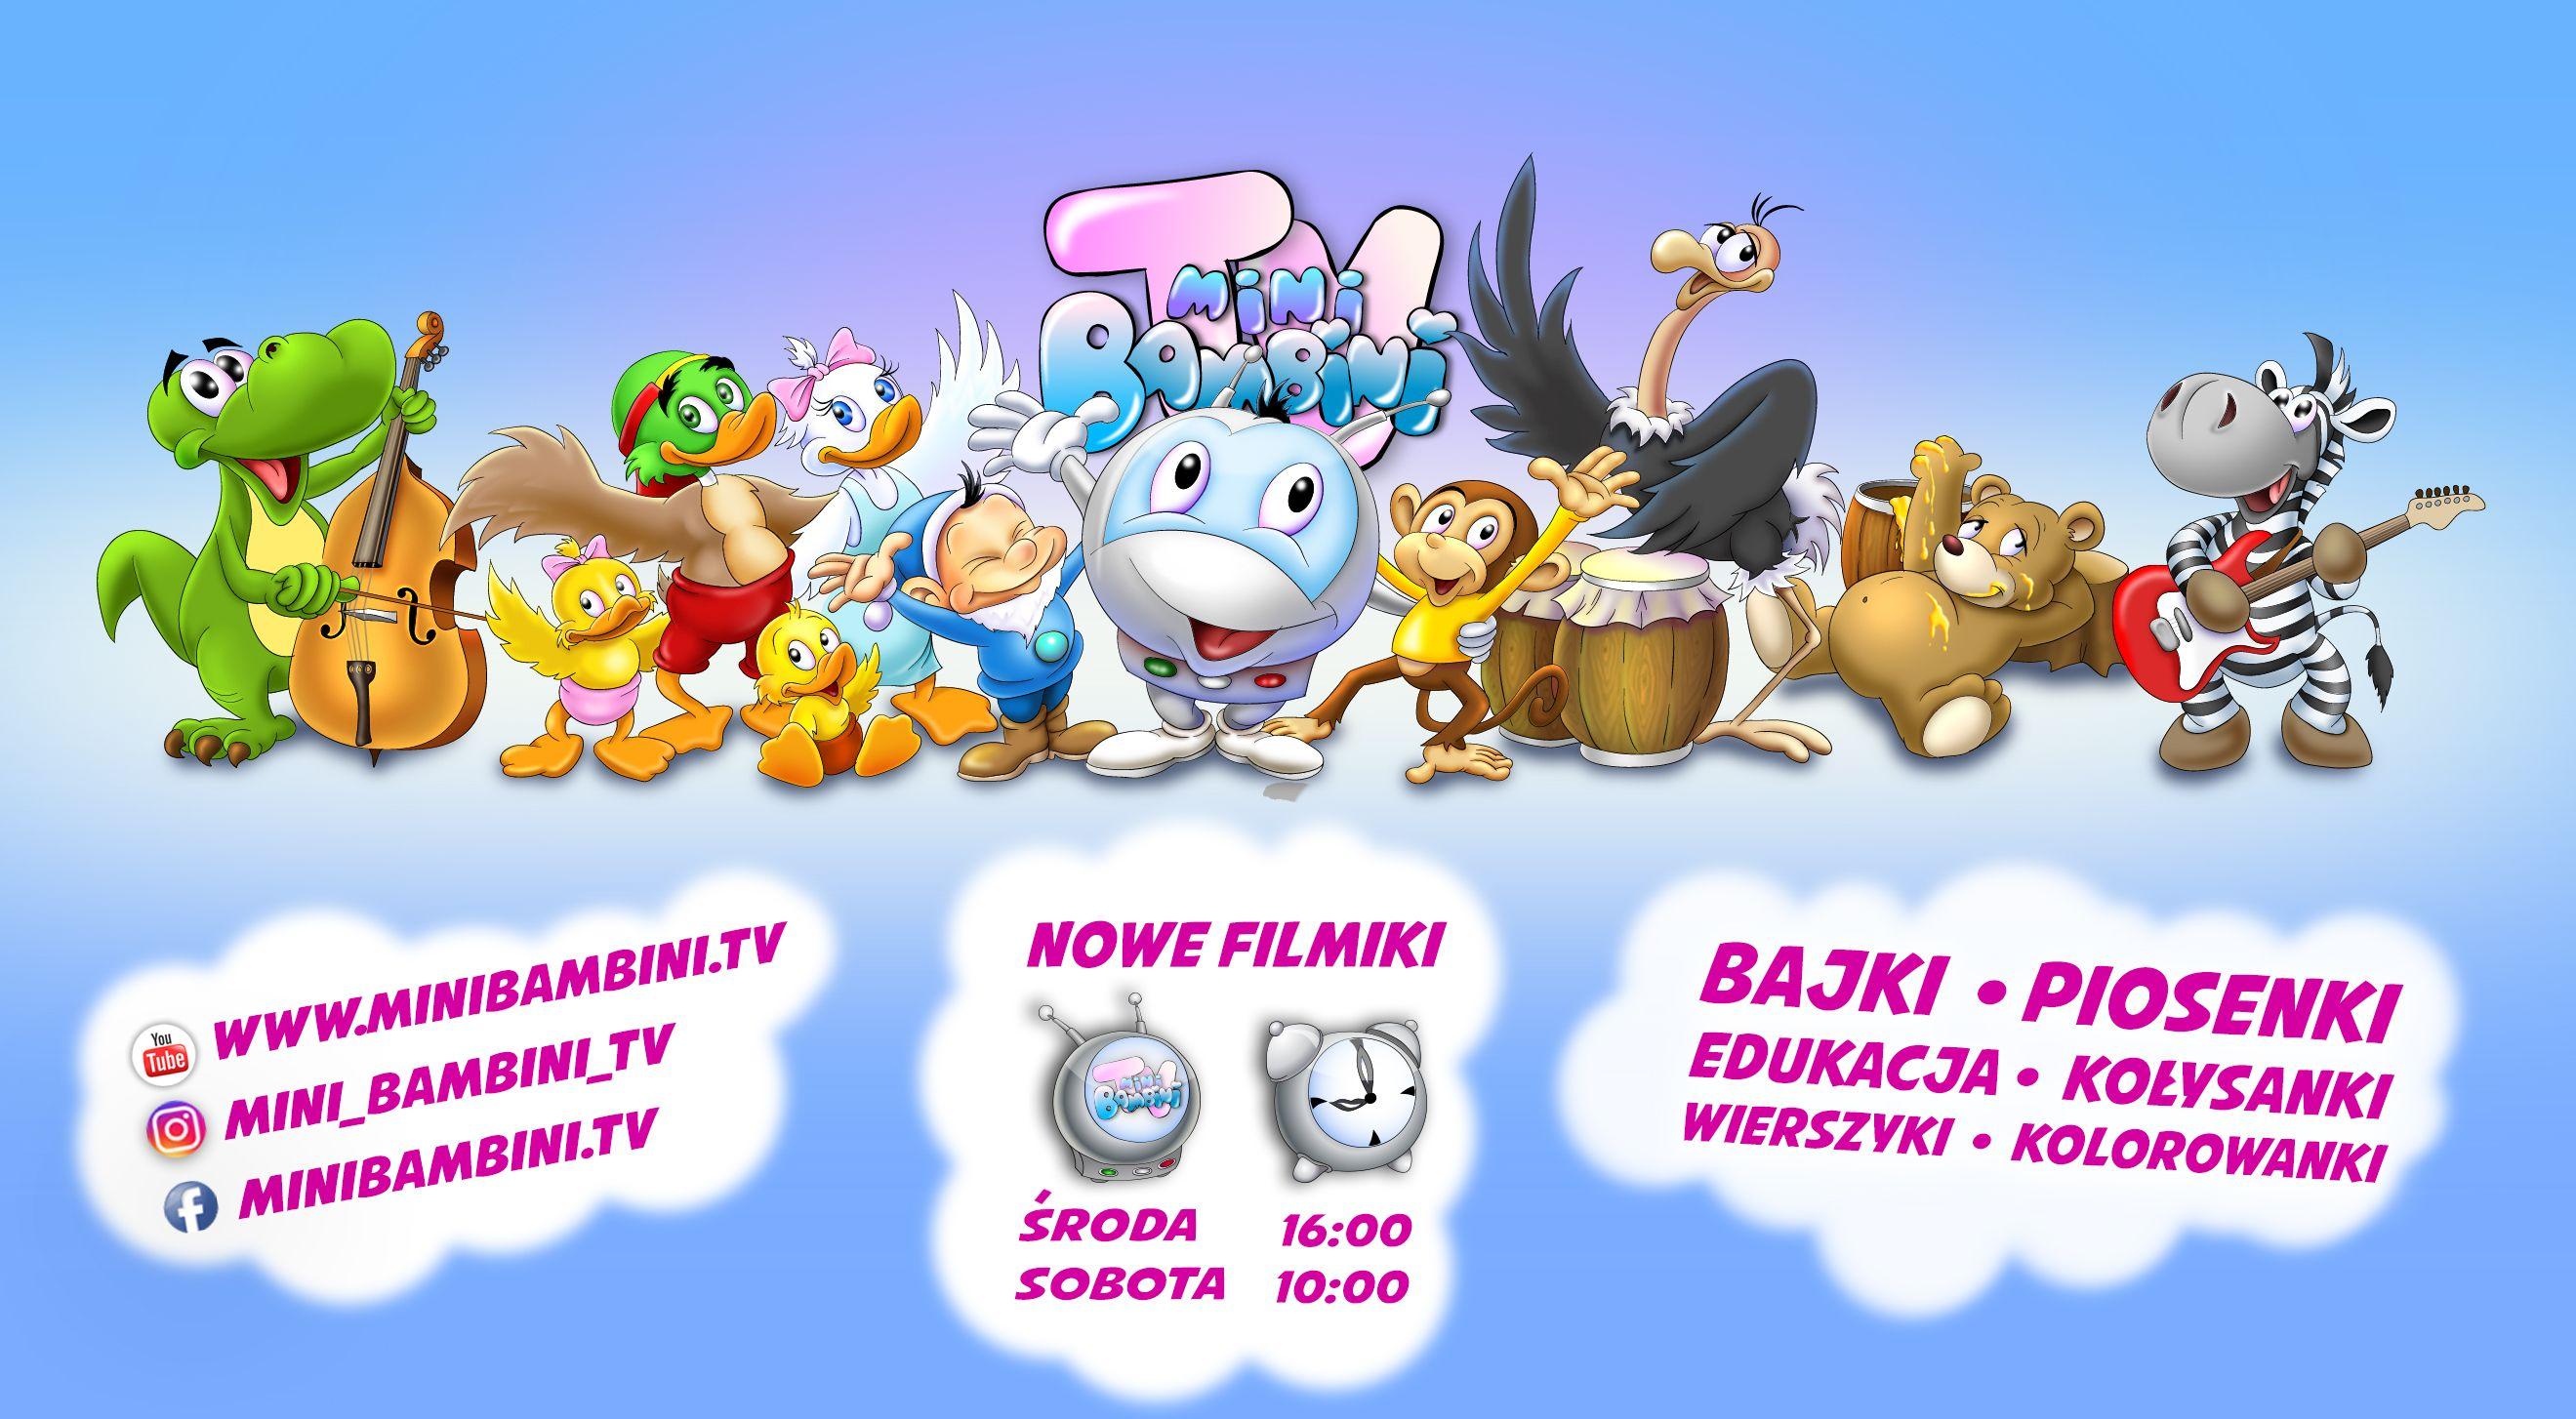 Idzie Grześ Prze Wieś Czyli Mini Bambini Tv W O2